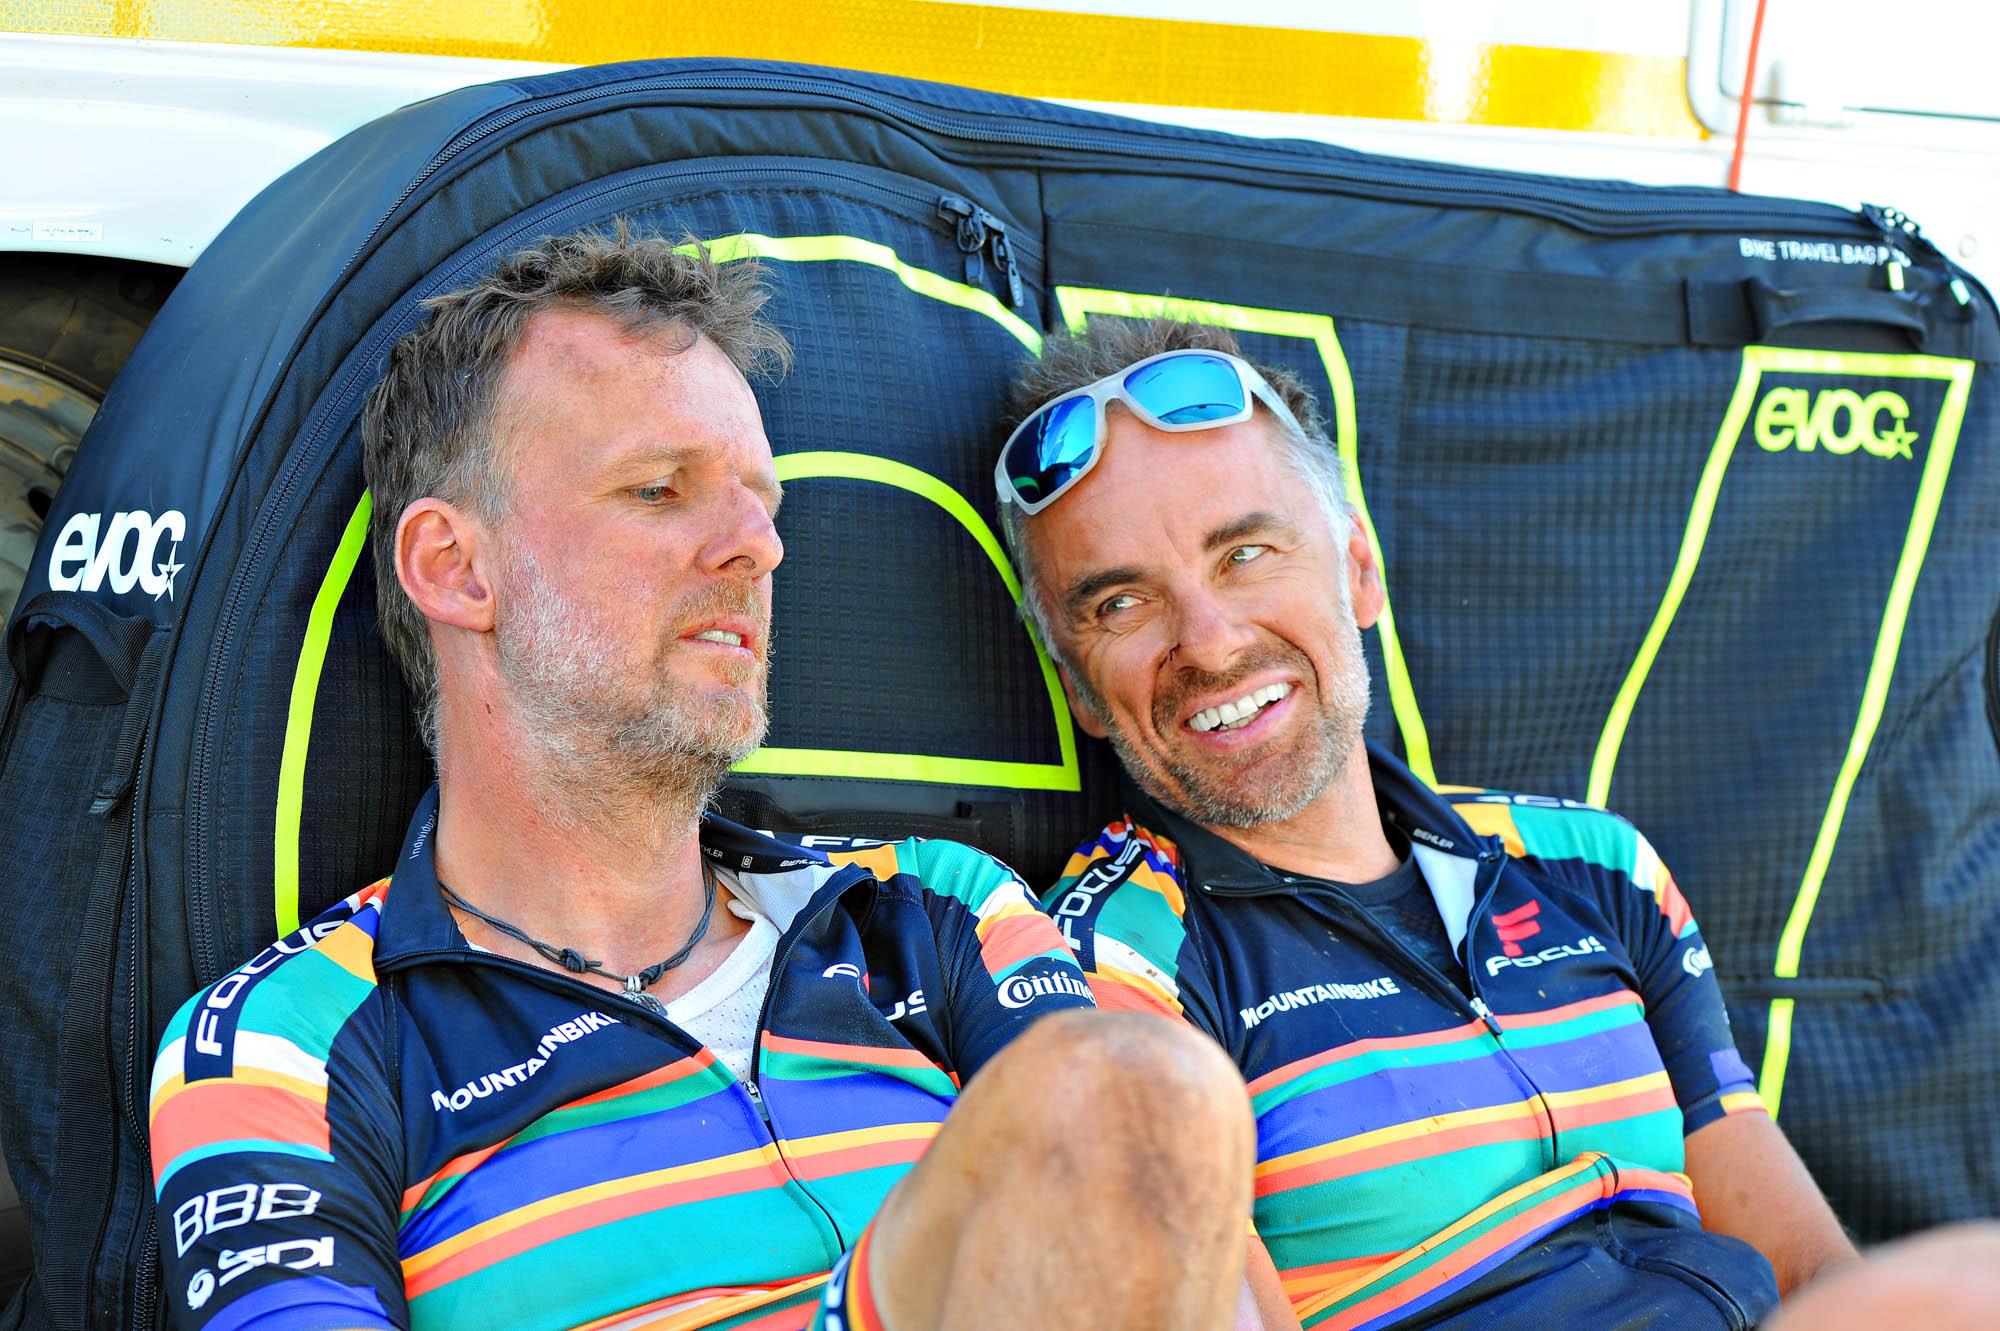 Mike Kluge und ich im Zielbereich nach einer Etappe beim Cape Epic.